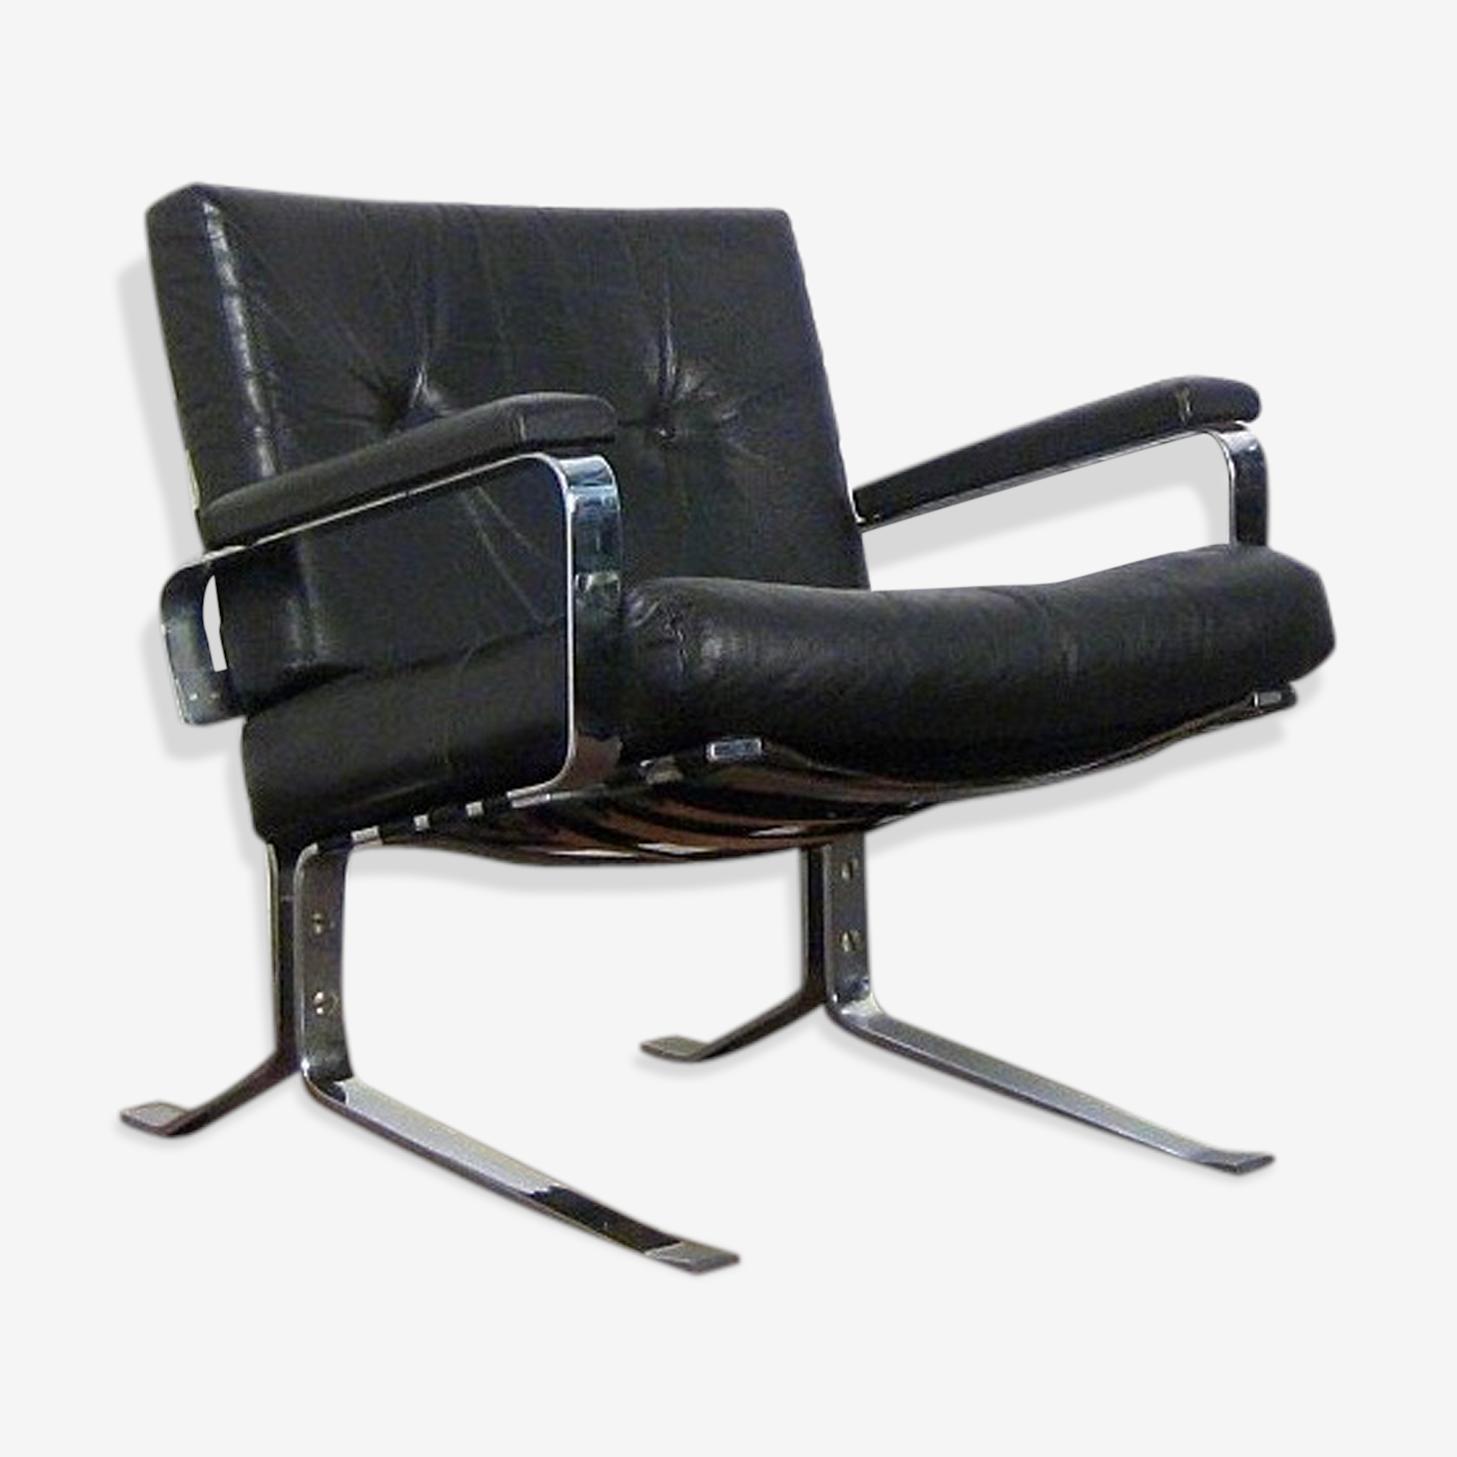 Fauteuil noir design cuir et chrome 1960 cuir noir design